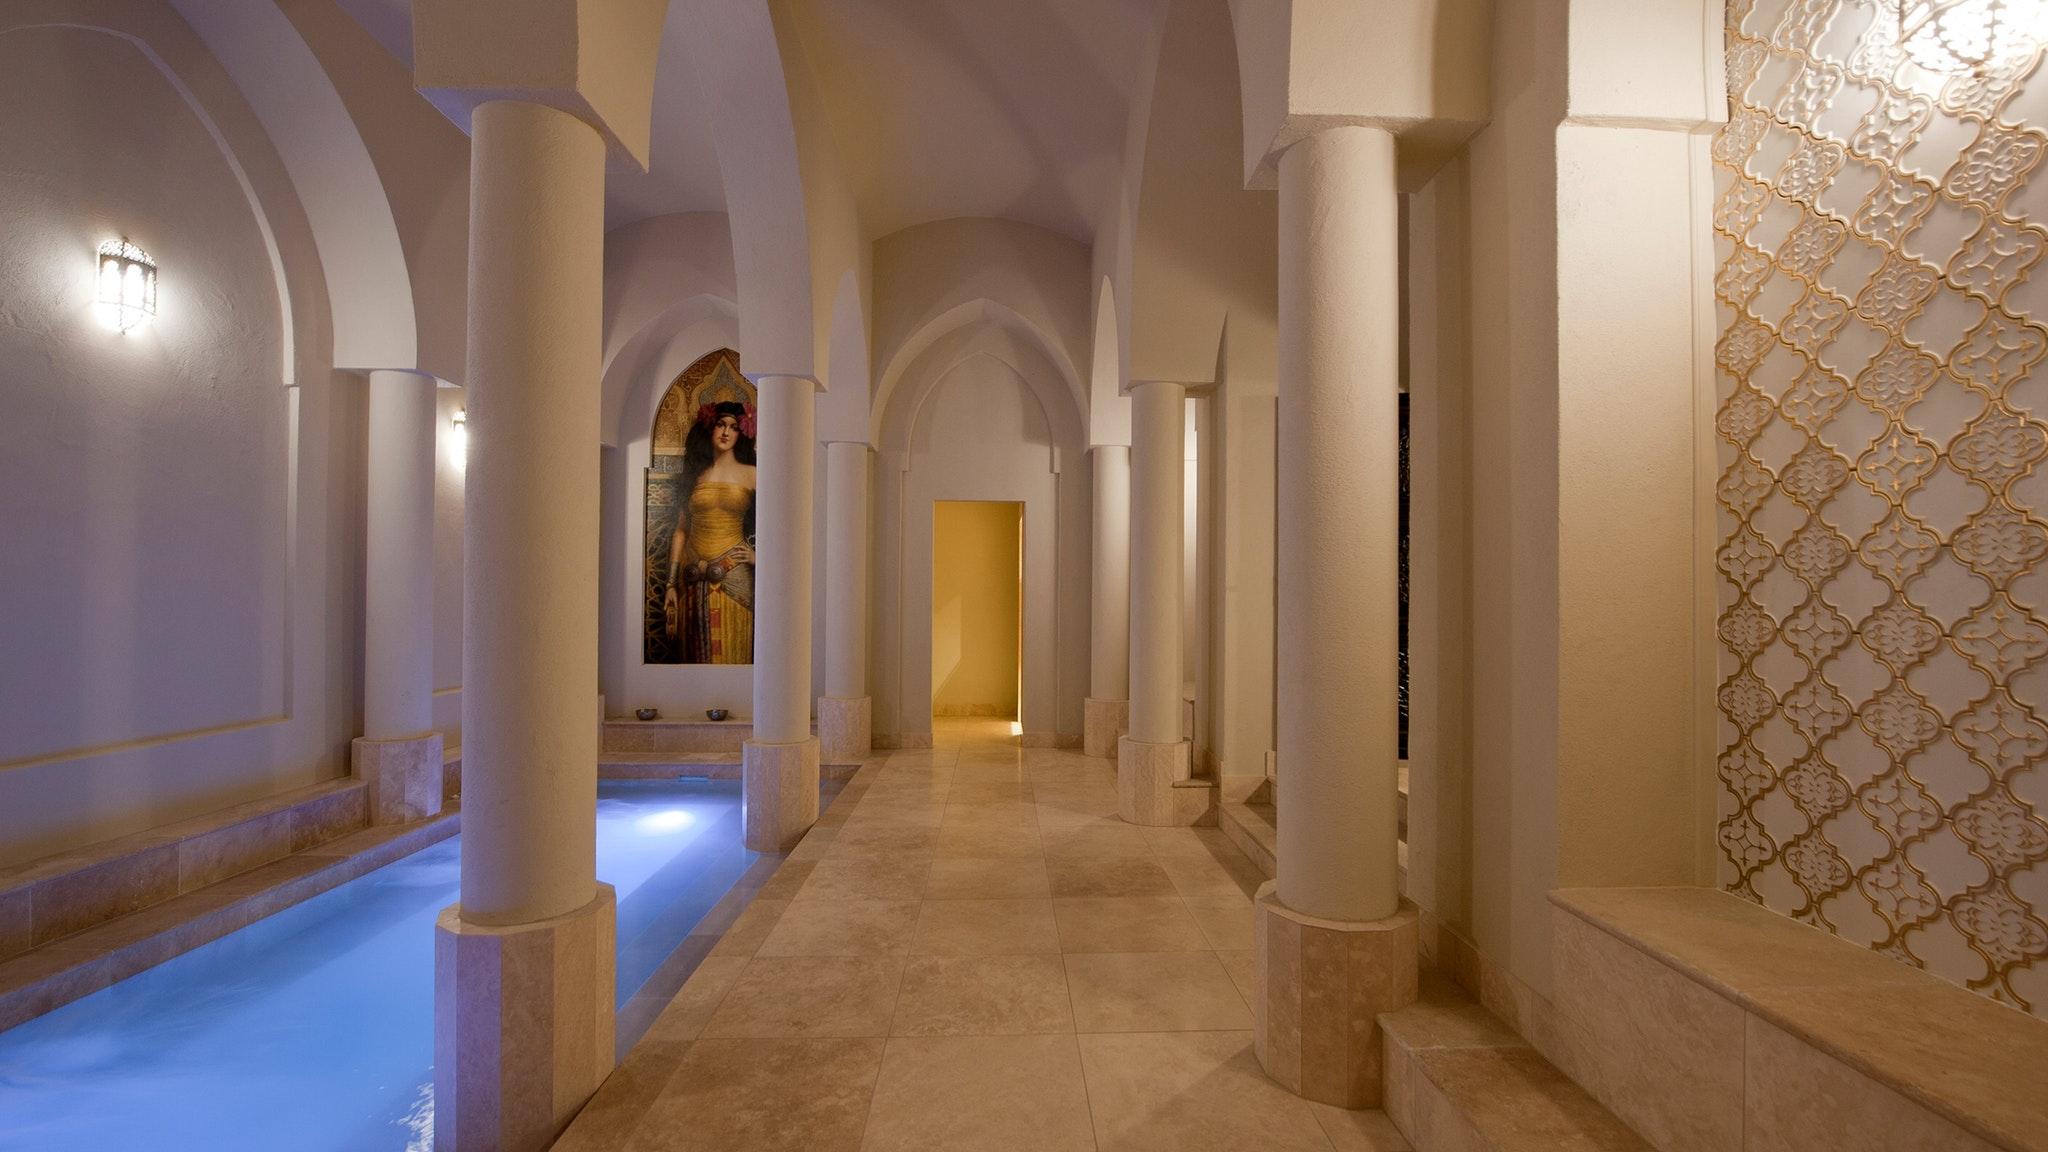 Roman Bathhouse - Spa de Marrakech